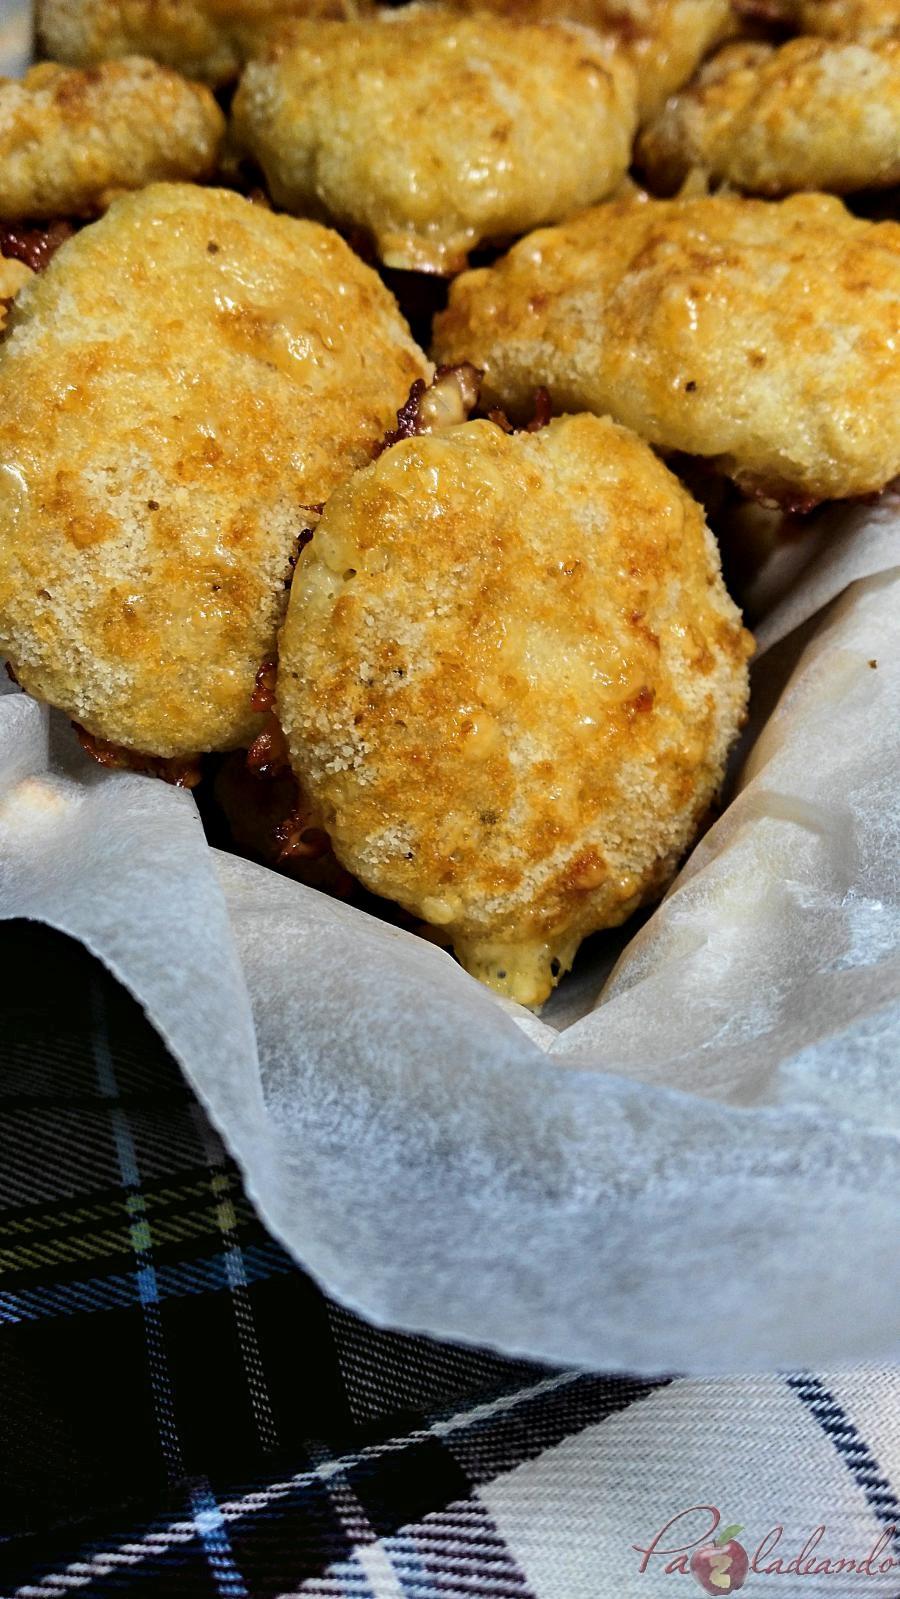 Nuguets de pollo caseros con thermomix 02 pazladeando